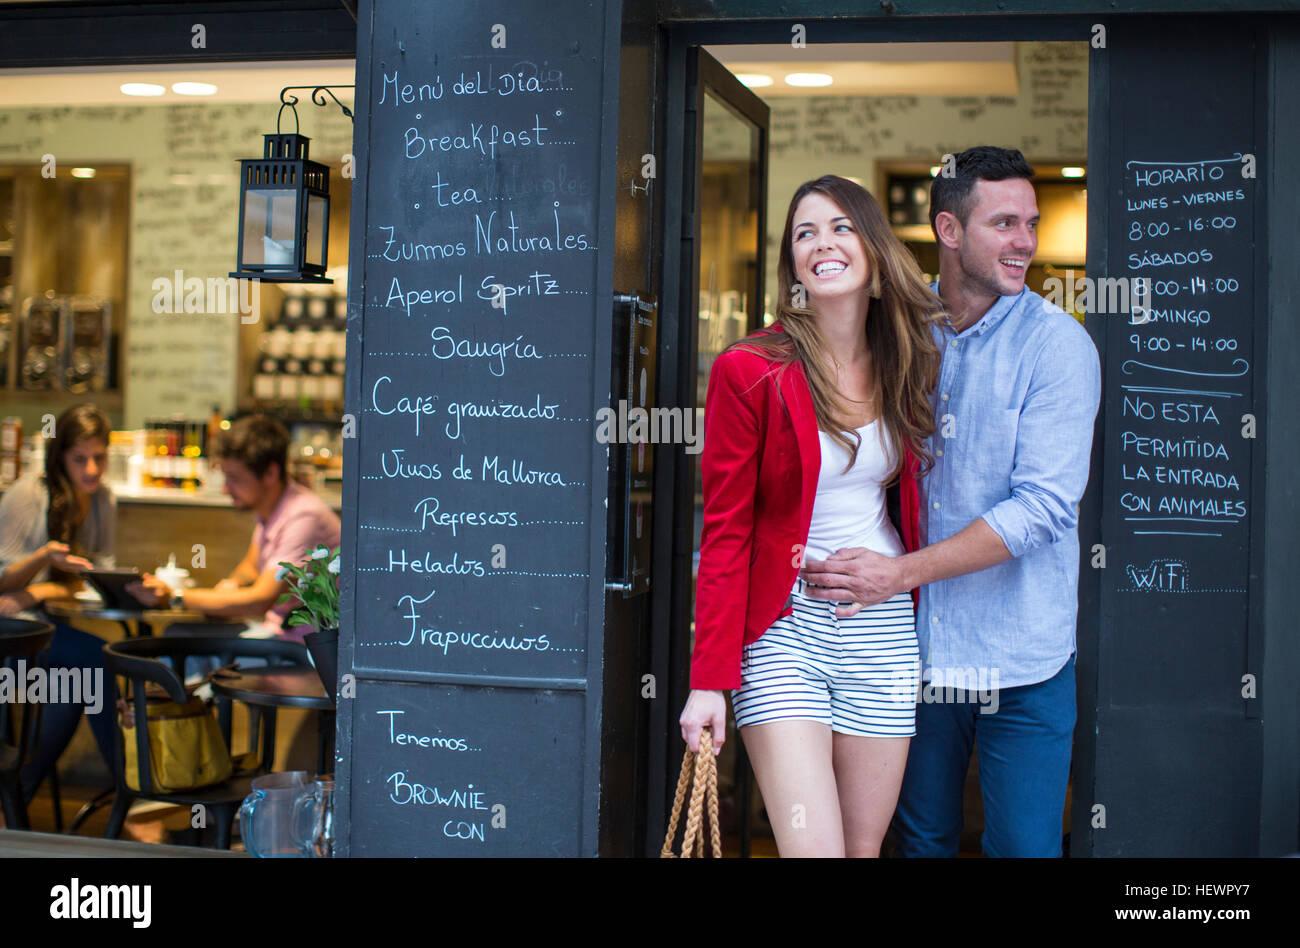 Coppia romantica lasciando cafe Immagini Stock